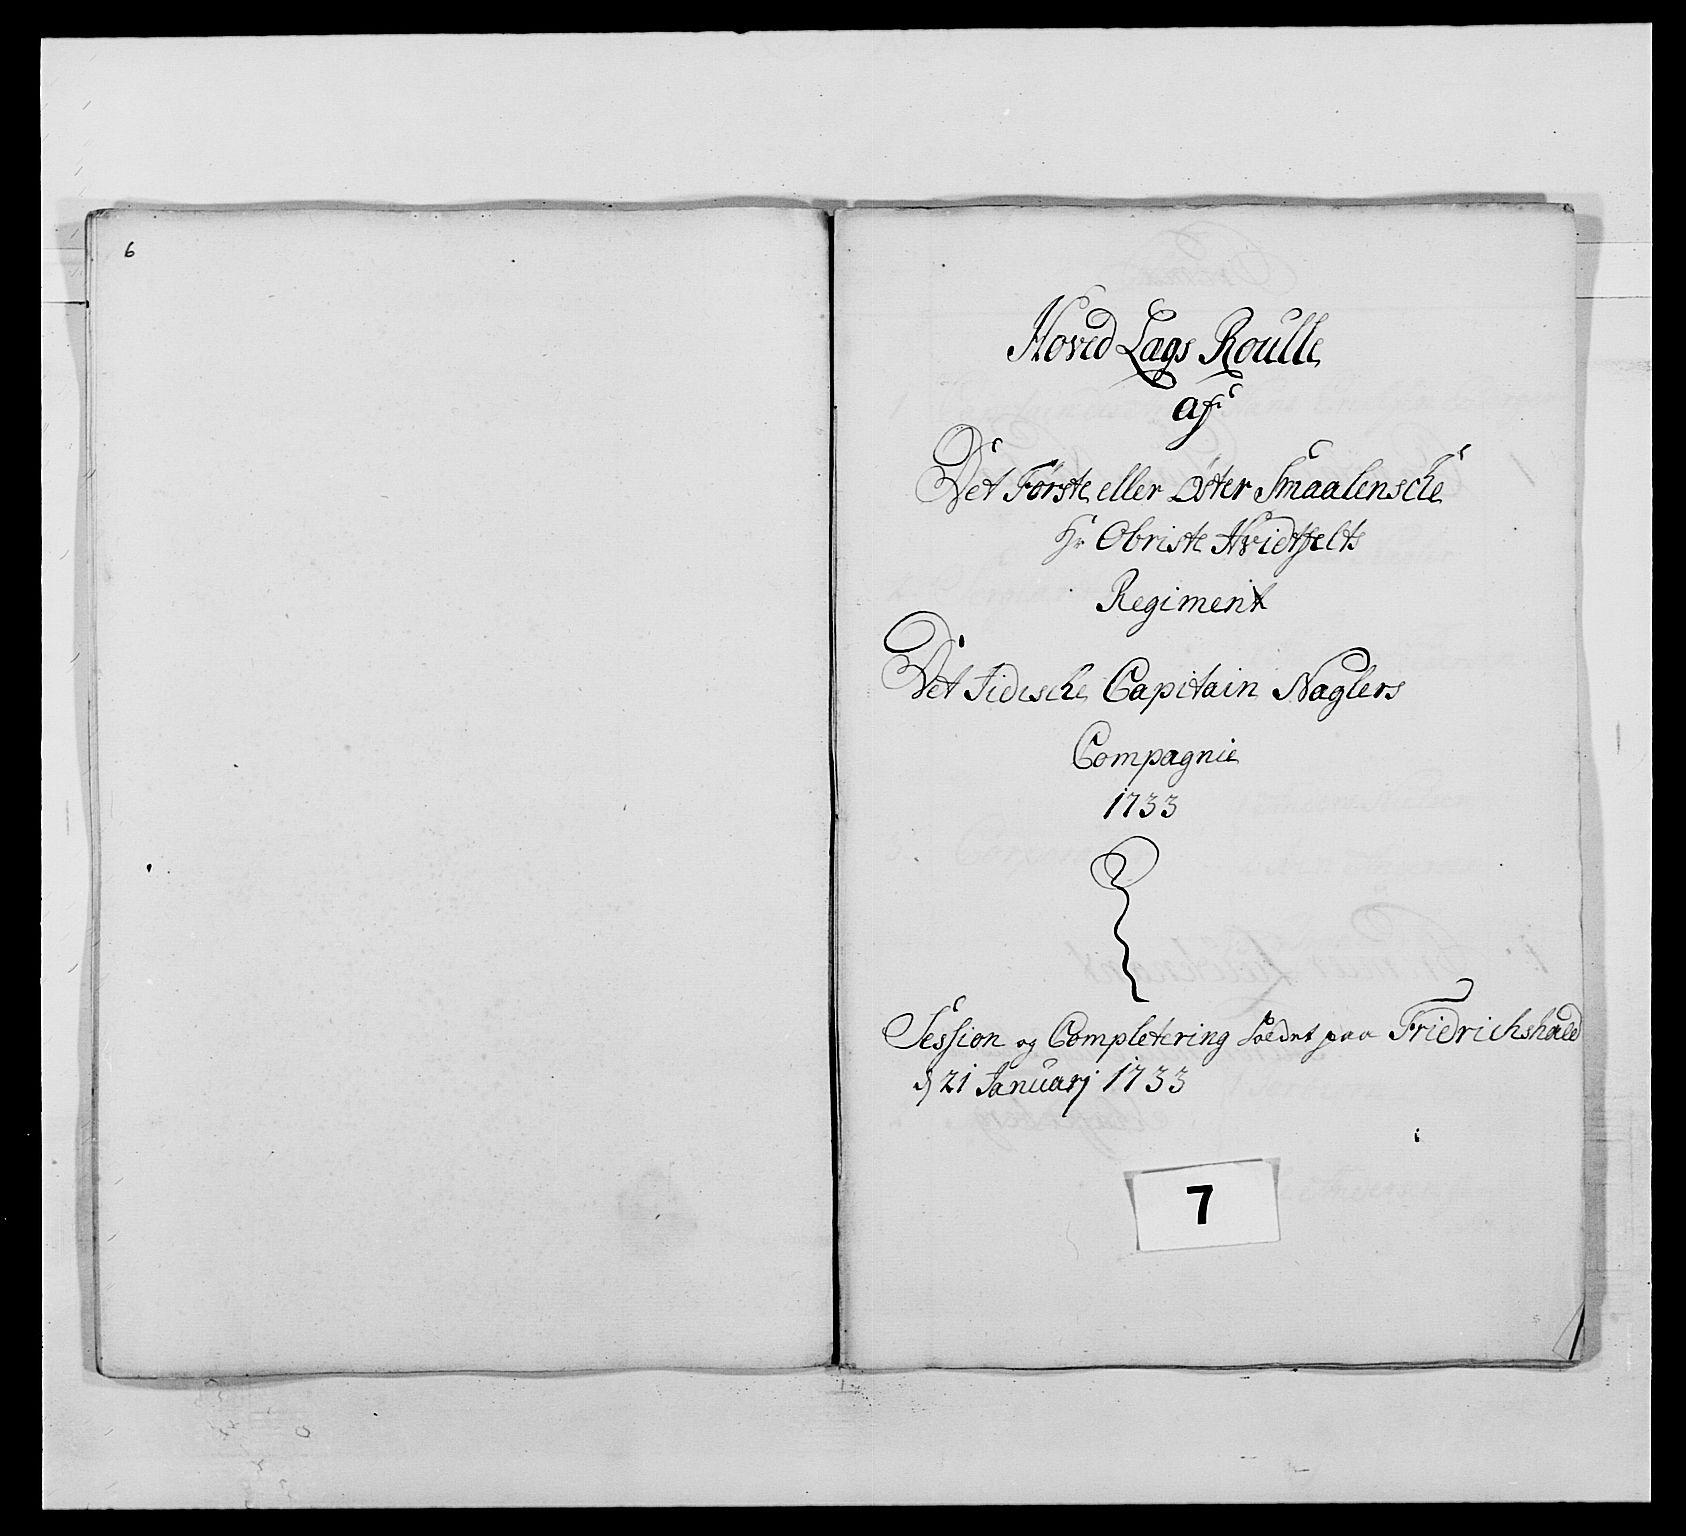 RA, Kommanderende general (KG I) med Det norske krigsdirektorium, E/Ea/L0495: 1. Smålenske regiment, 1732-1763, s. 73